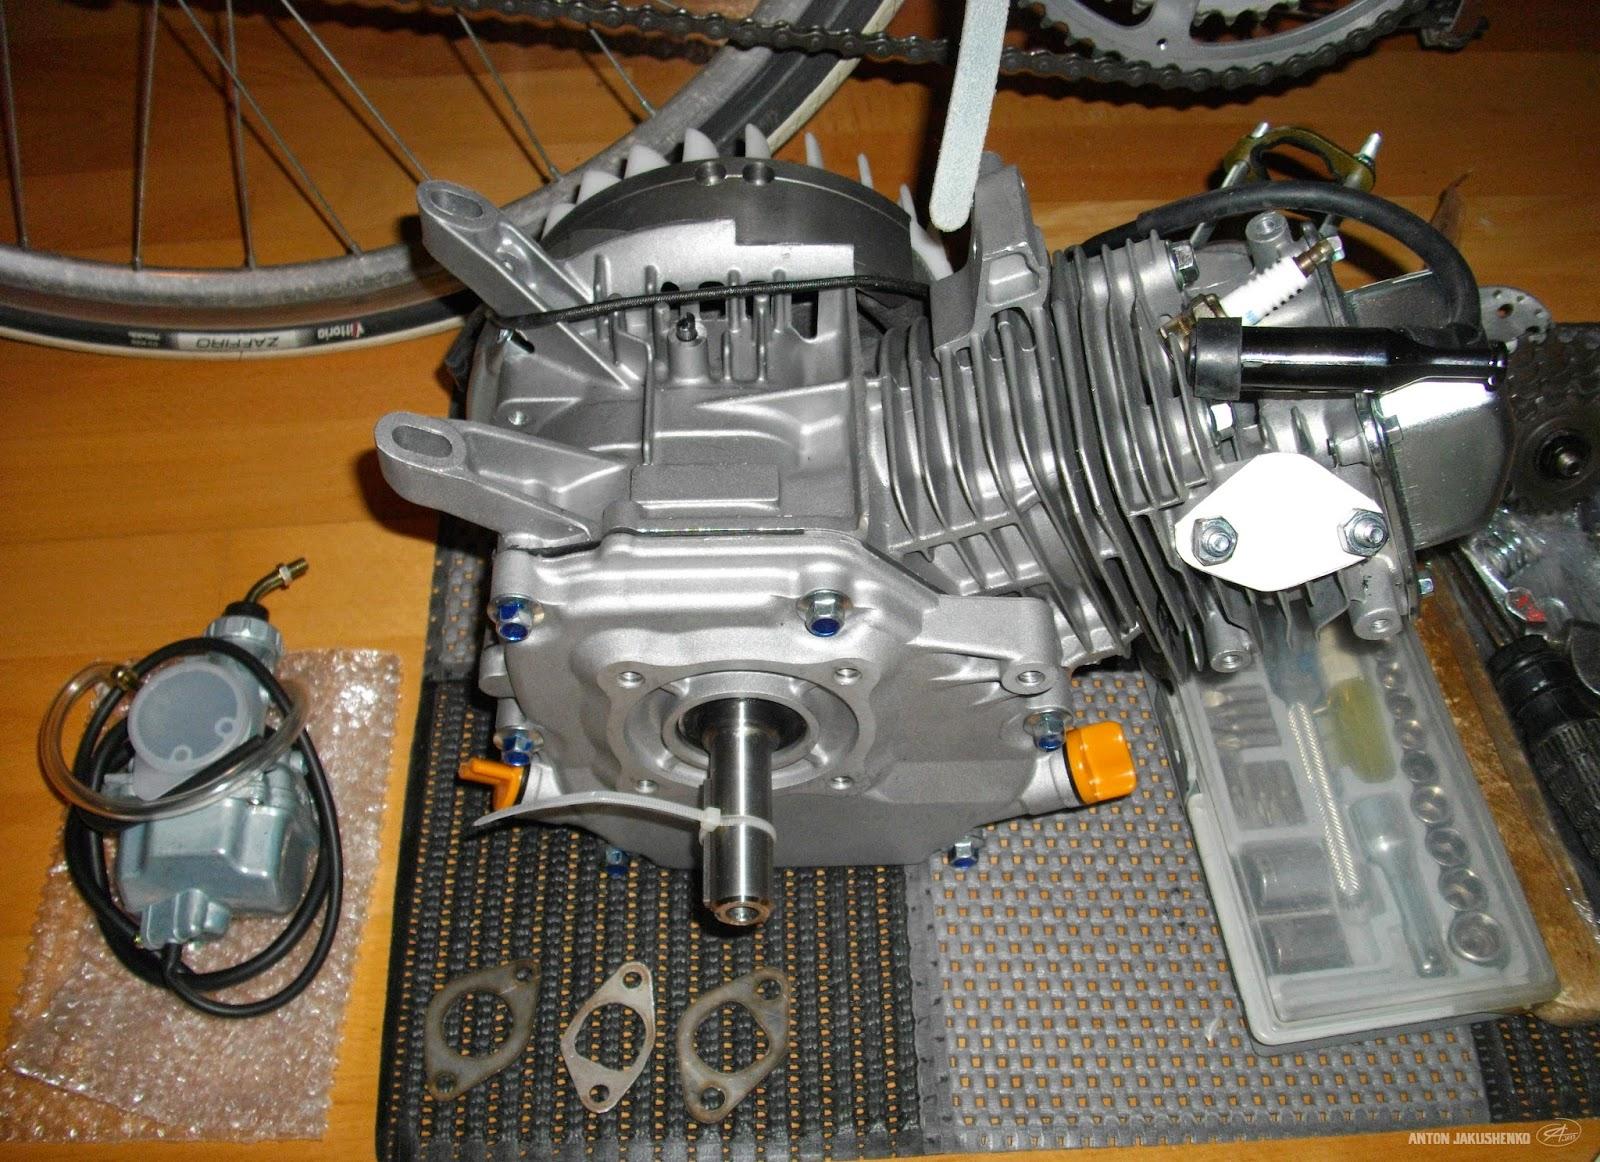 Petrograd cycles : Board track racer rebuild  200cc  Honda